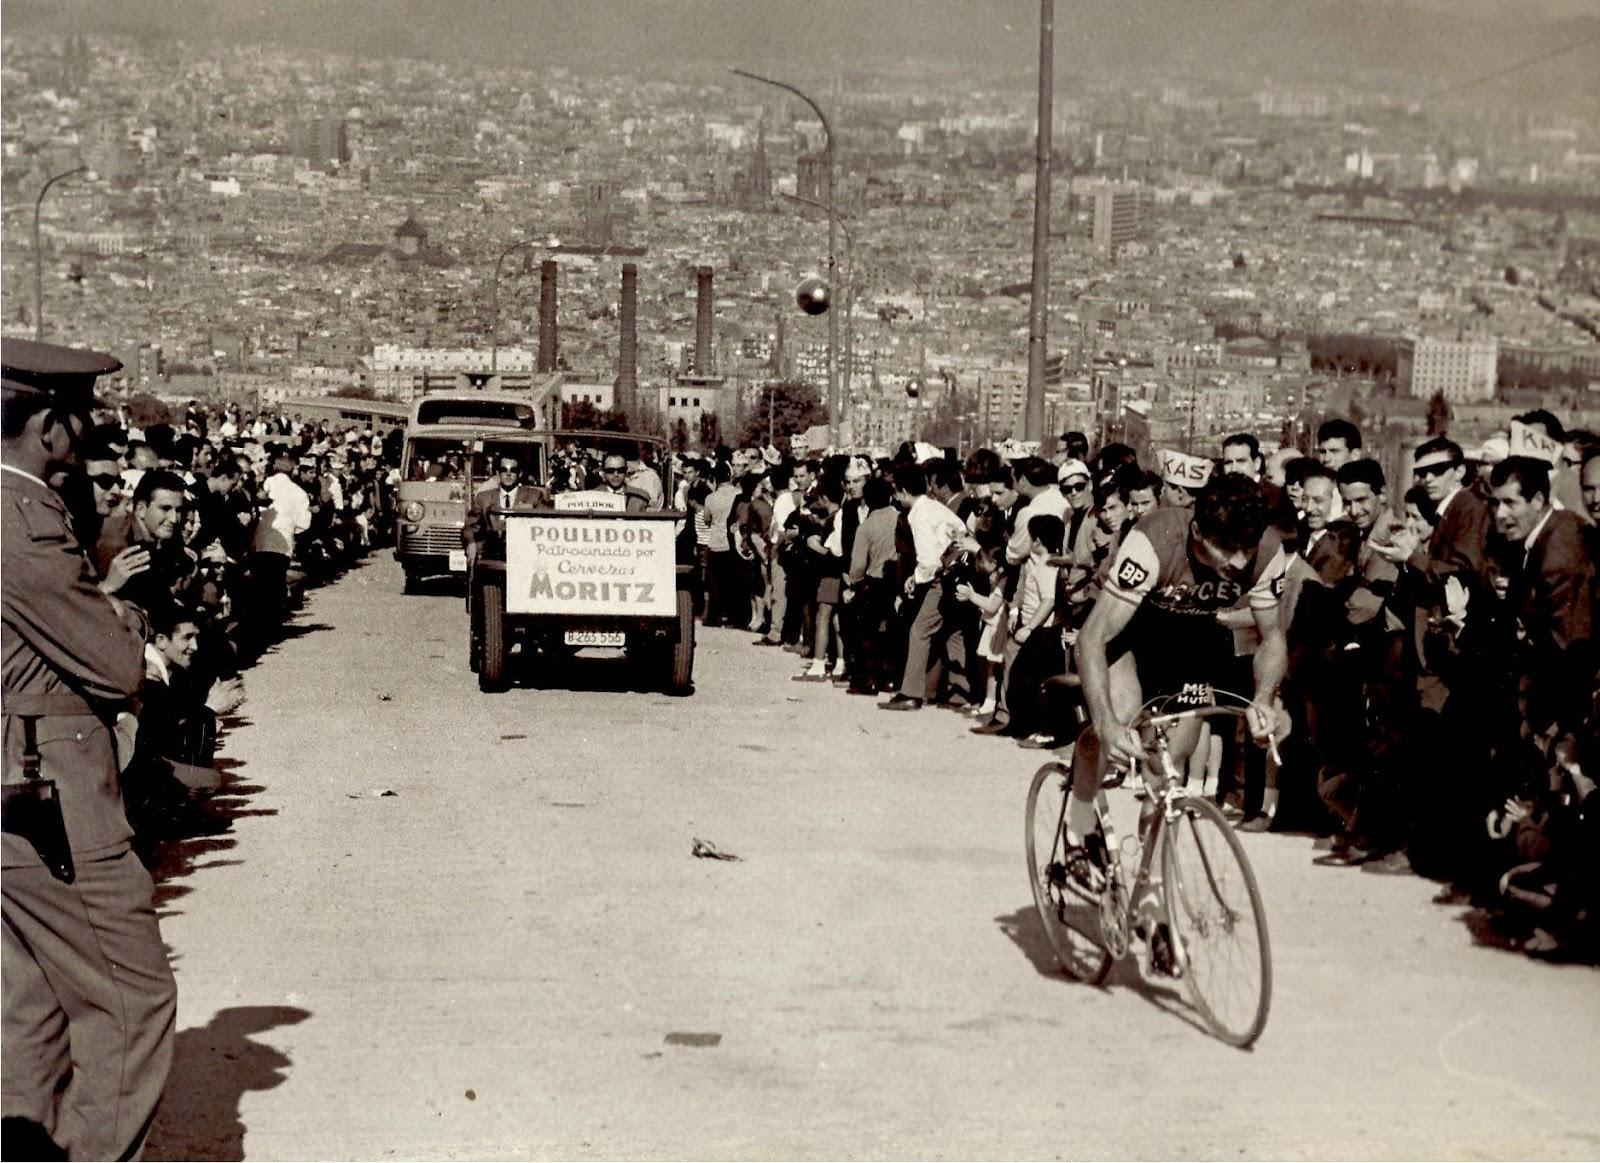 Fotos históricas o chulas de CICLISMO - Página 2 008%2BR.Poulidor%2B1er%2BClasif.